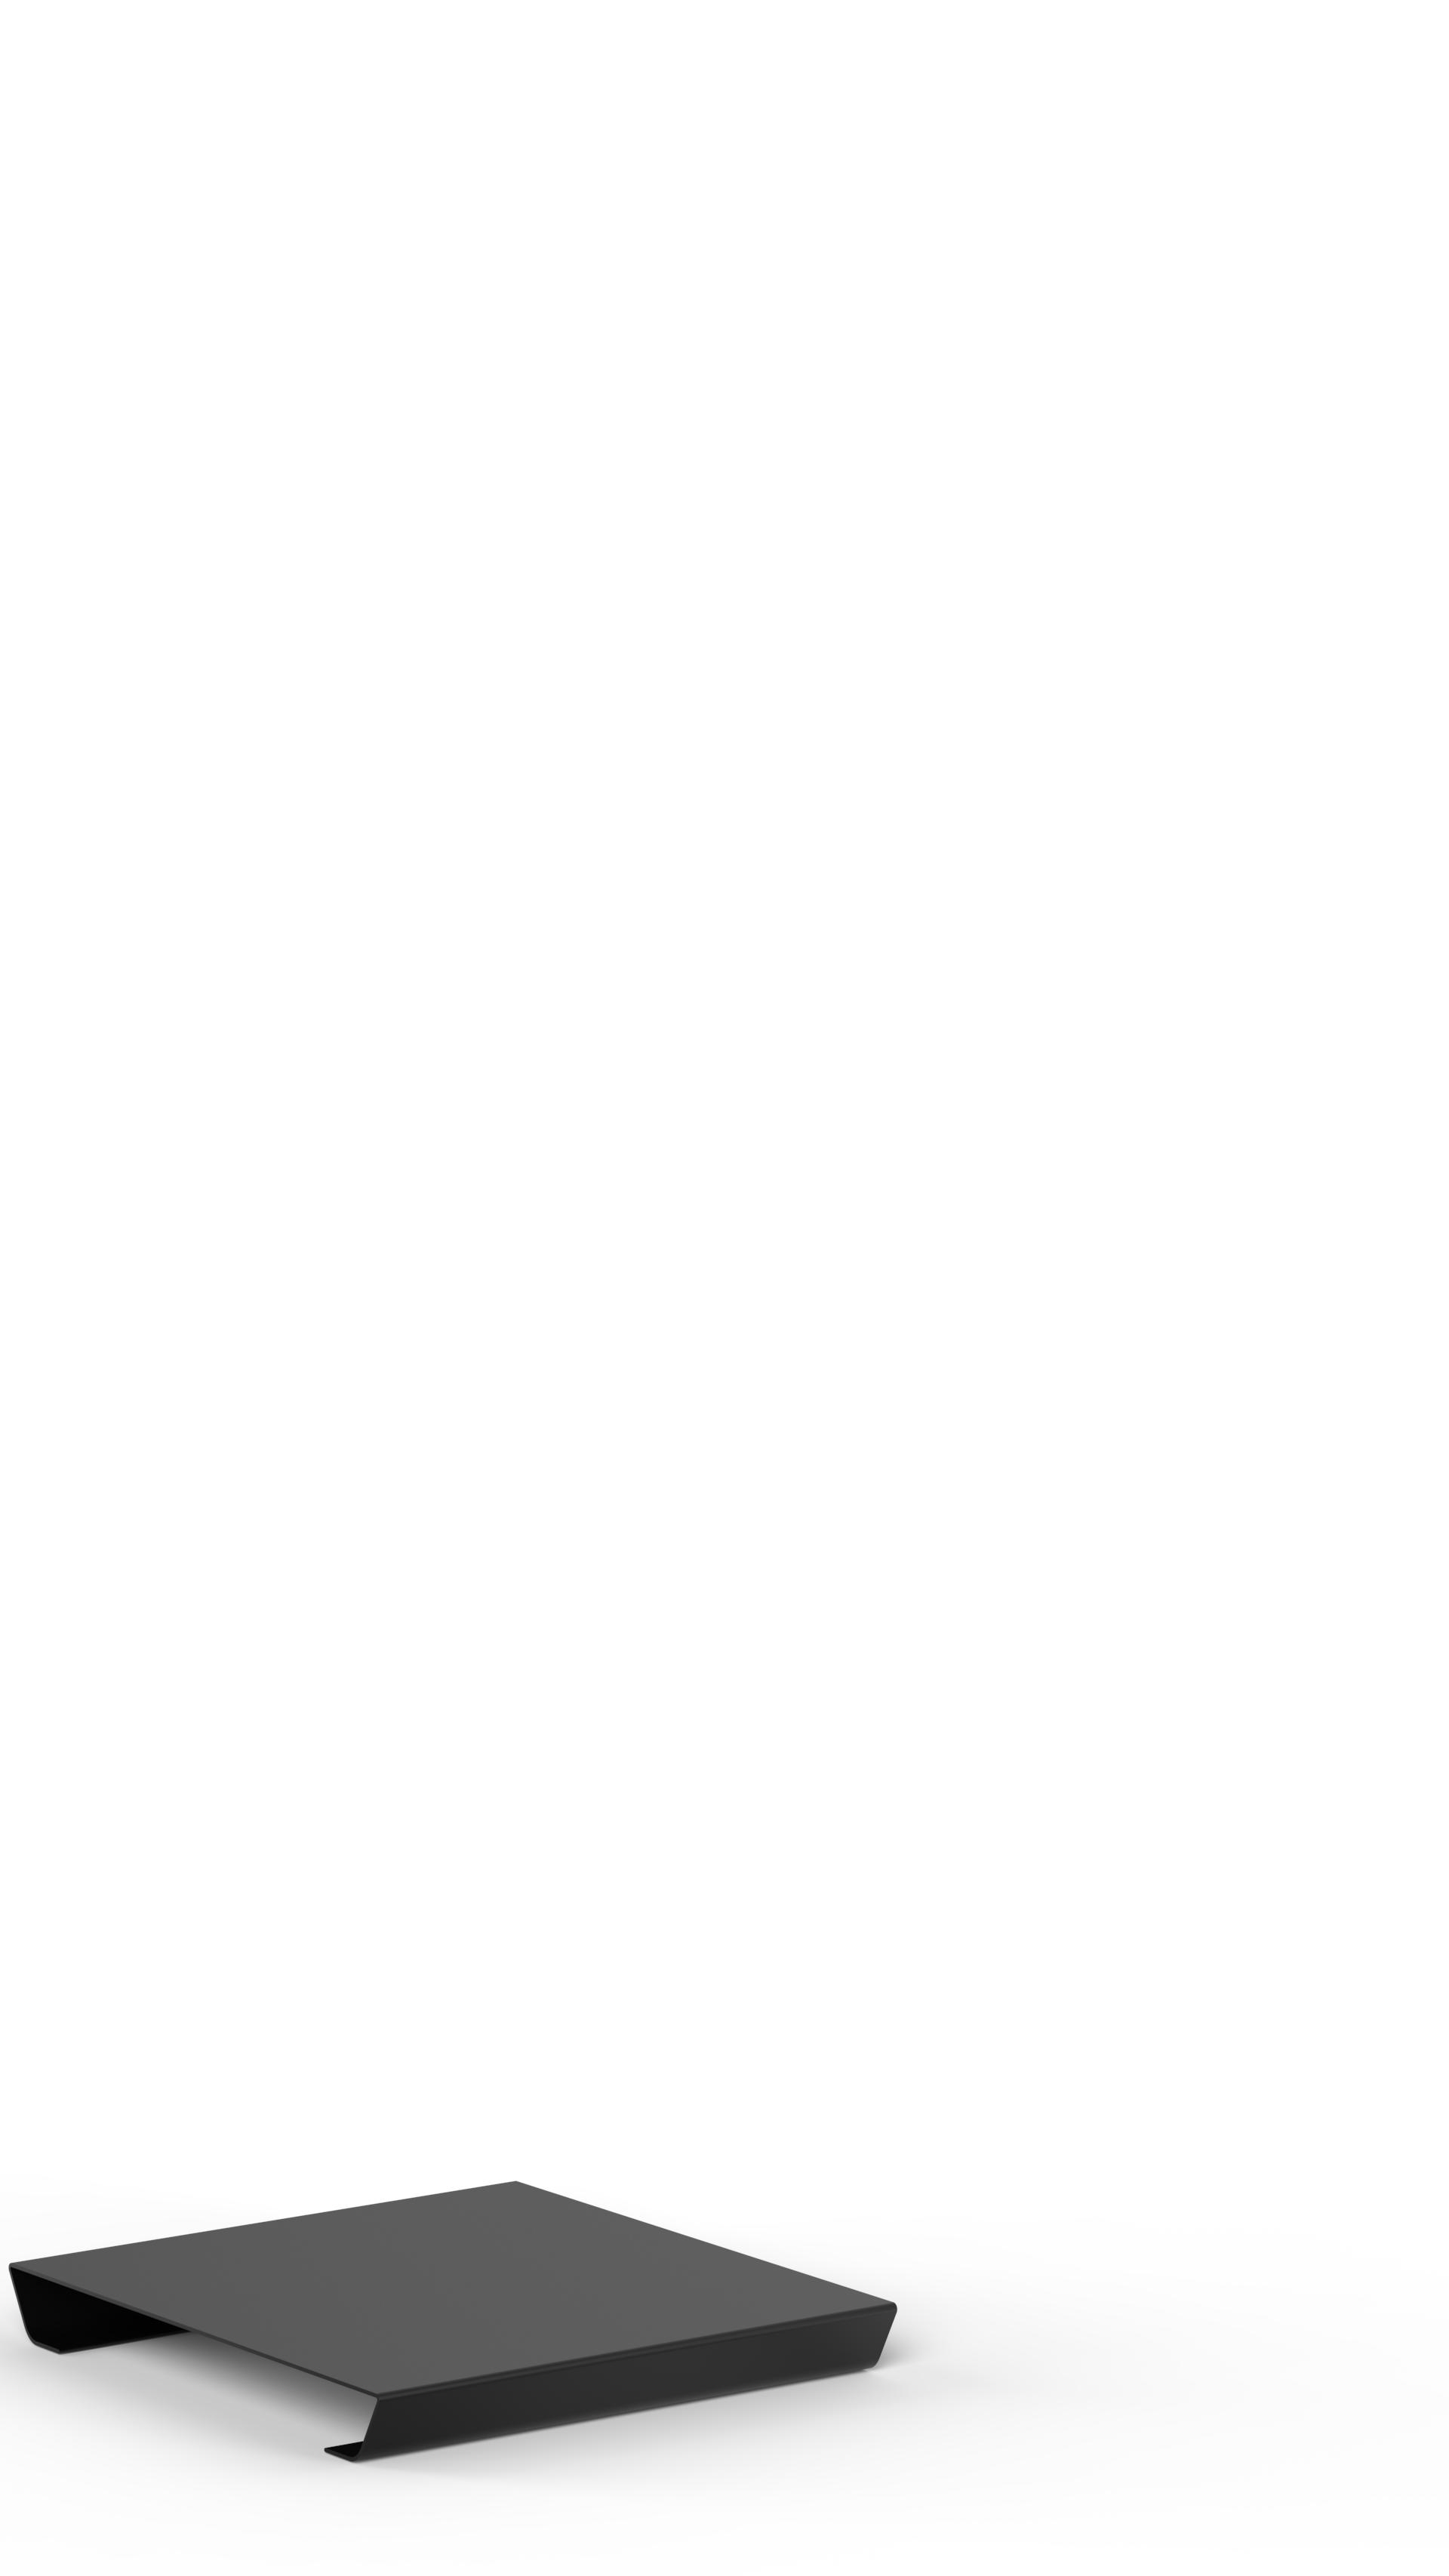 aeroPL30x30x4x2 Présentoir plateau de présentation SAINT-HONORÉ PARIS